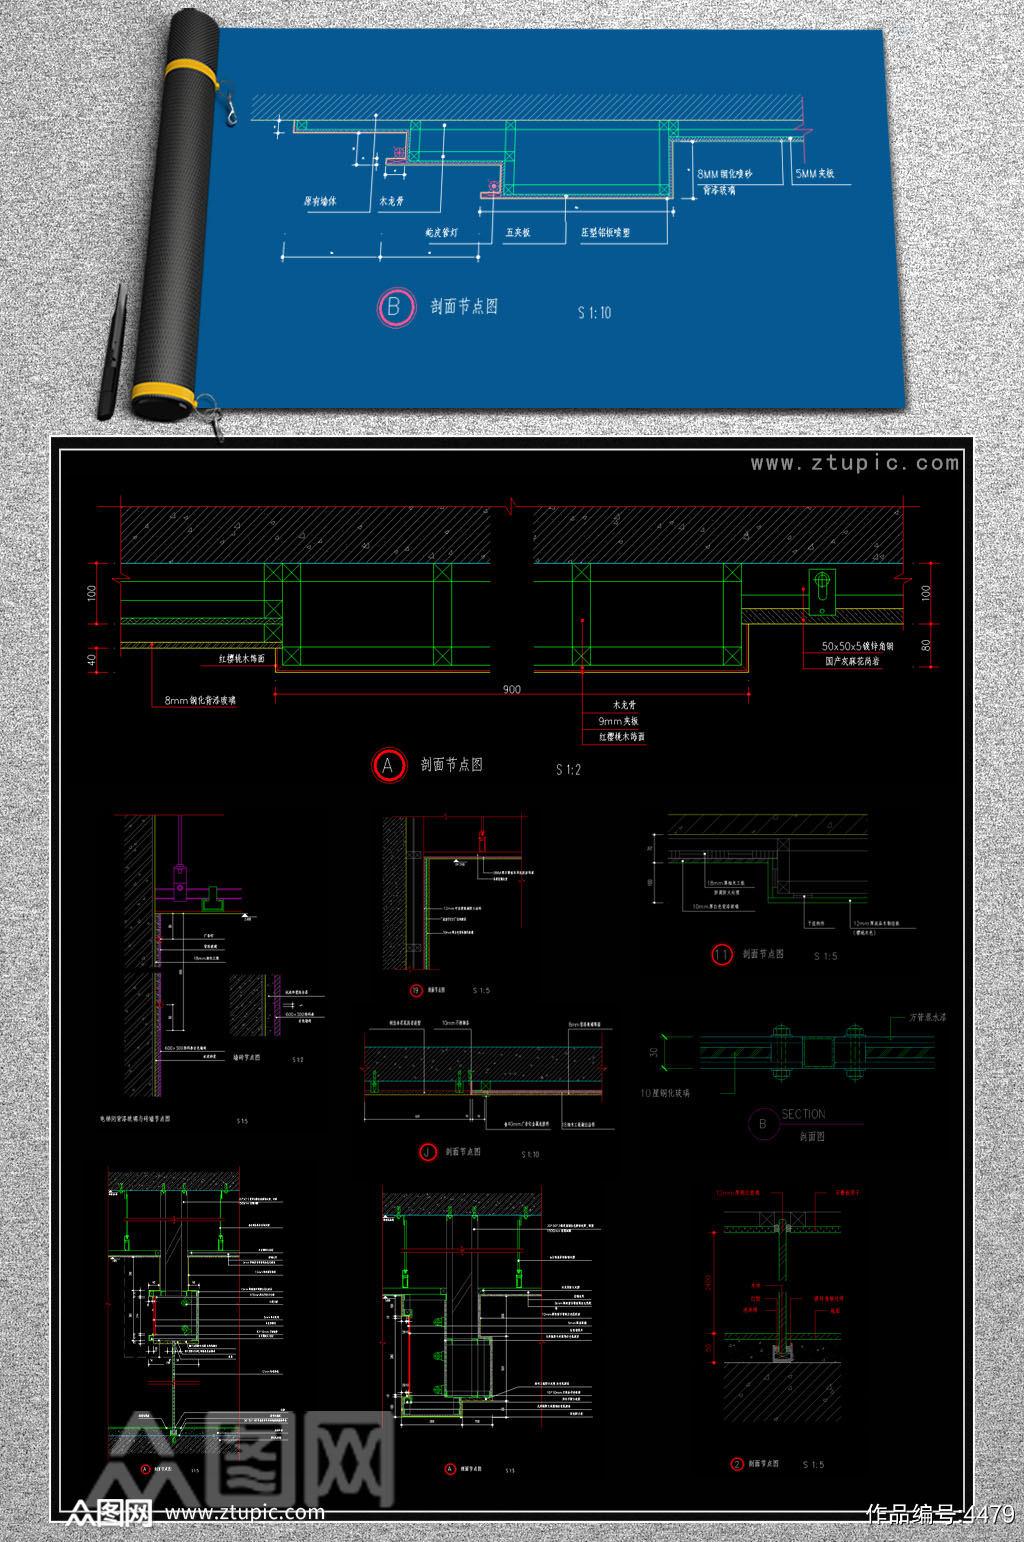 原创金属幕墙和玻璃幕墙节点CAD施工图素材